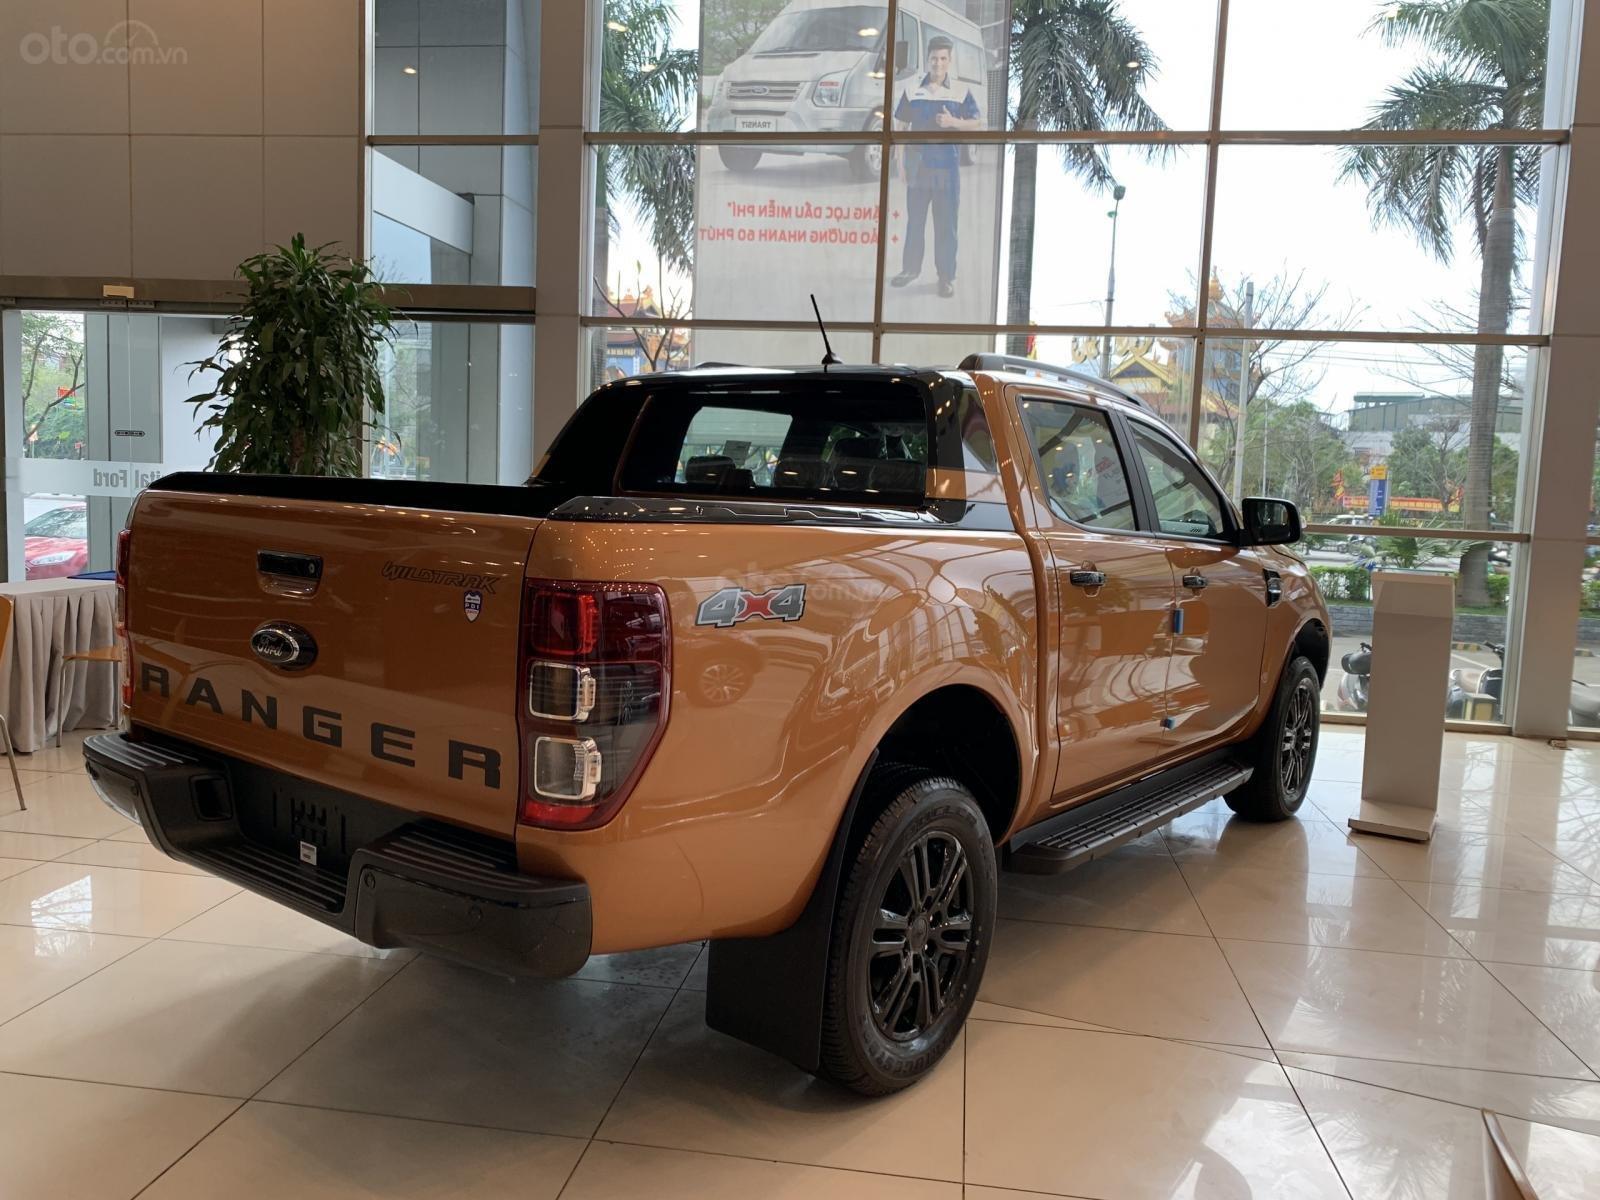 Bán Ford Ranger Wildtrack đời mới 2021, cam kết giá tốt nhất khu vực miền Bắc, hỗ trợ vay ngân hàng lãi suất cực tốt (4)